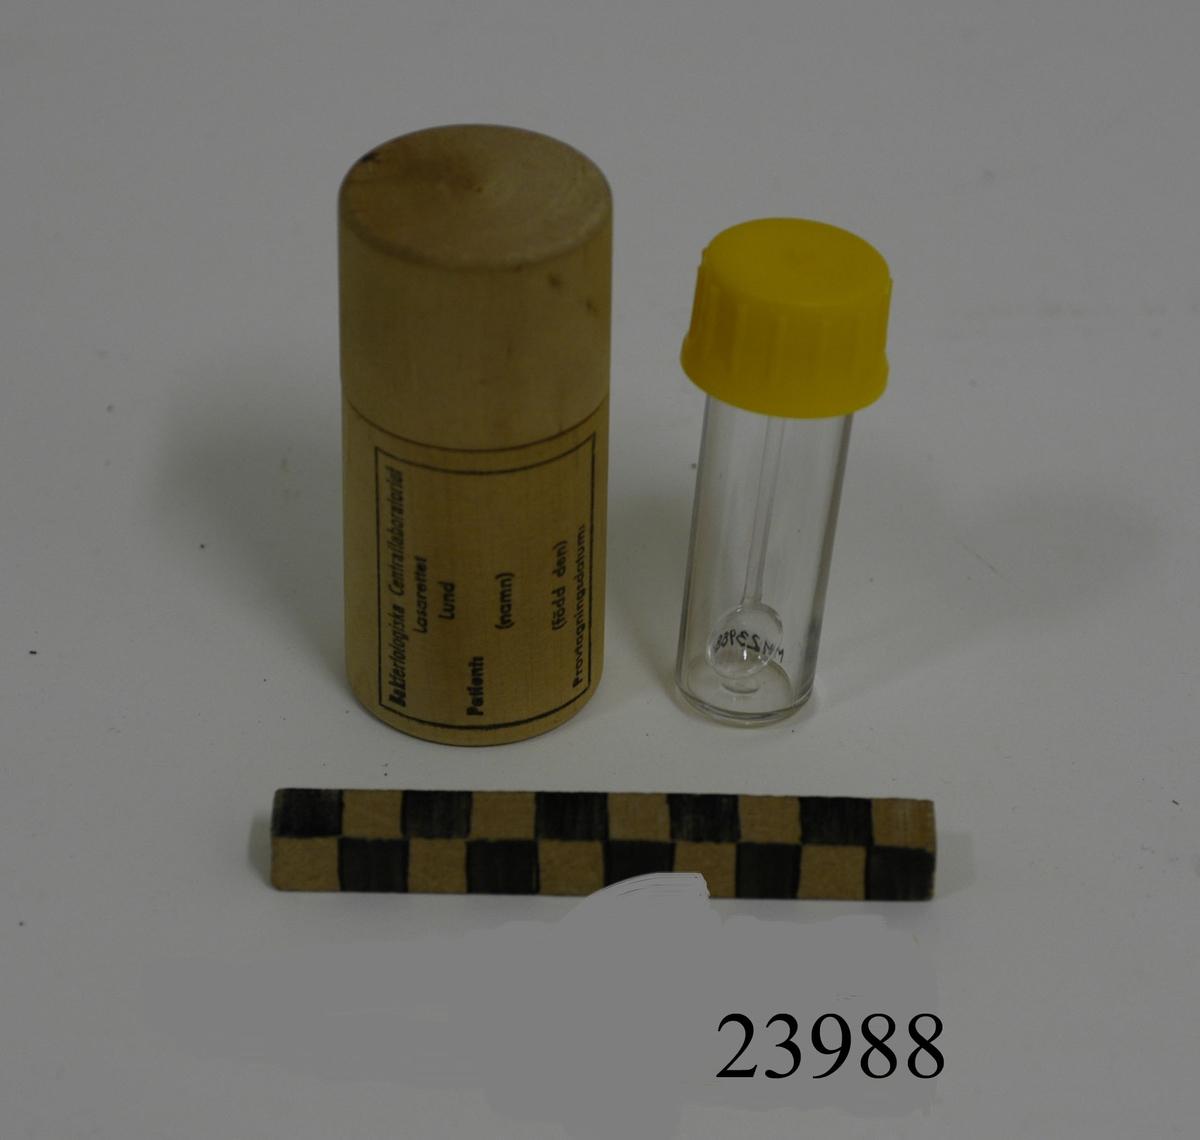 Provtagnings burk bestående av: förvaringsburk av trä, cylindrisk med skruvlock. På utsidan stämplad etikett med text: Bakteriologiska centrallaboratoriet Lasarettet Lund. Patient: (namn), (född den). Provtagningsdatum: I förvaringsburken, provtagningsburk av plast med gul skruvkork. På insidan av locket en fastsatt 60 mm lång sked.